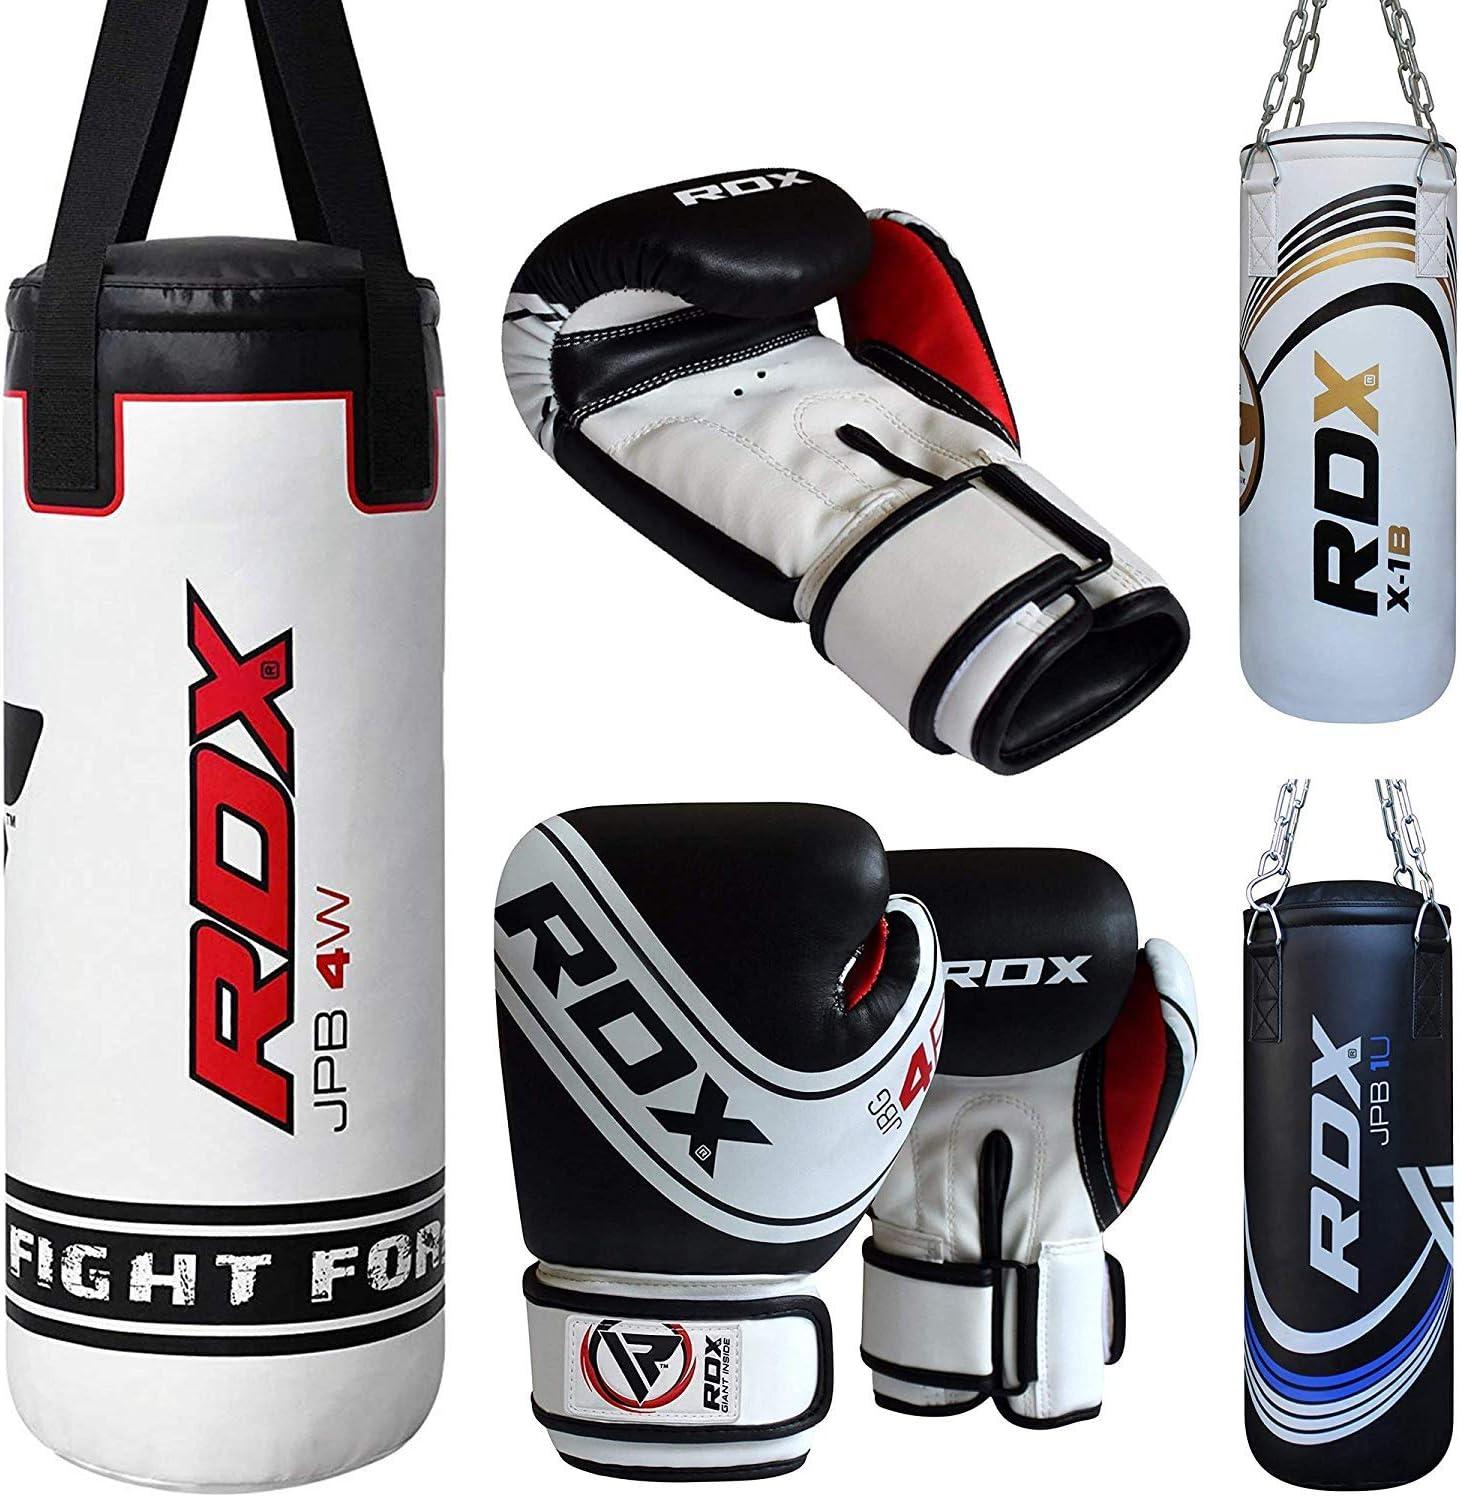 RDX Relleno Saco de Boxeo Niños MMA Muay Thai Kick Boxing Artes Marciales con Guantes Entrenamiento Junior Punching Bag